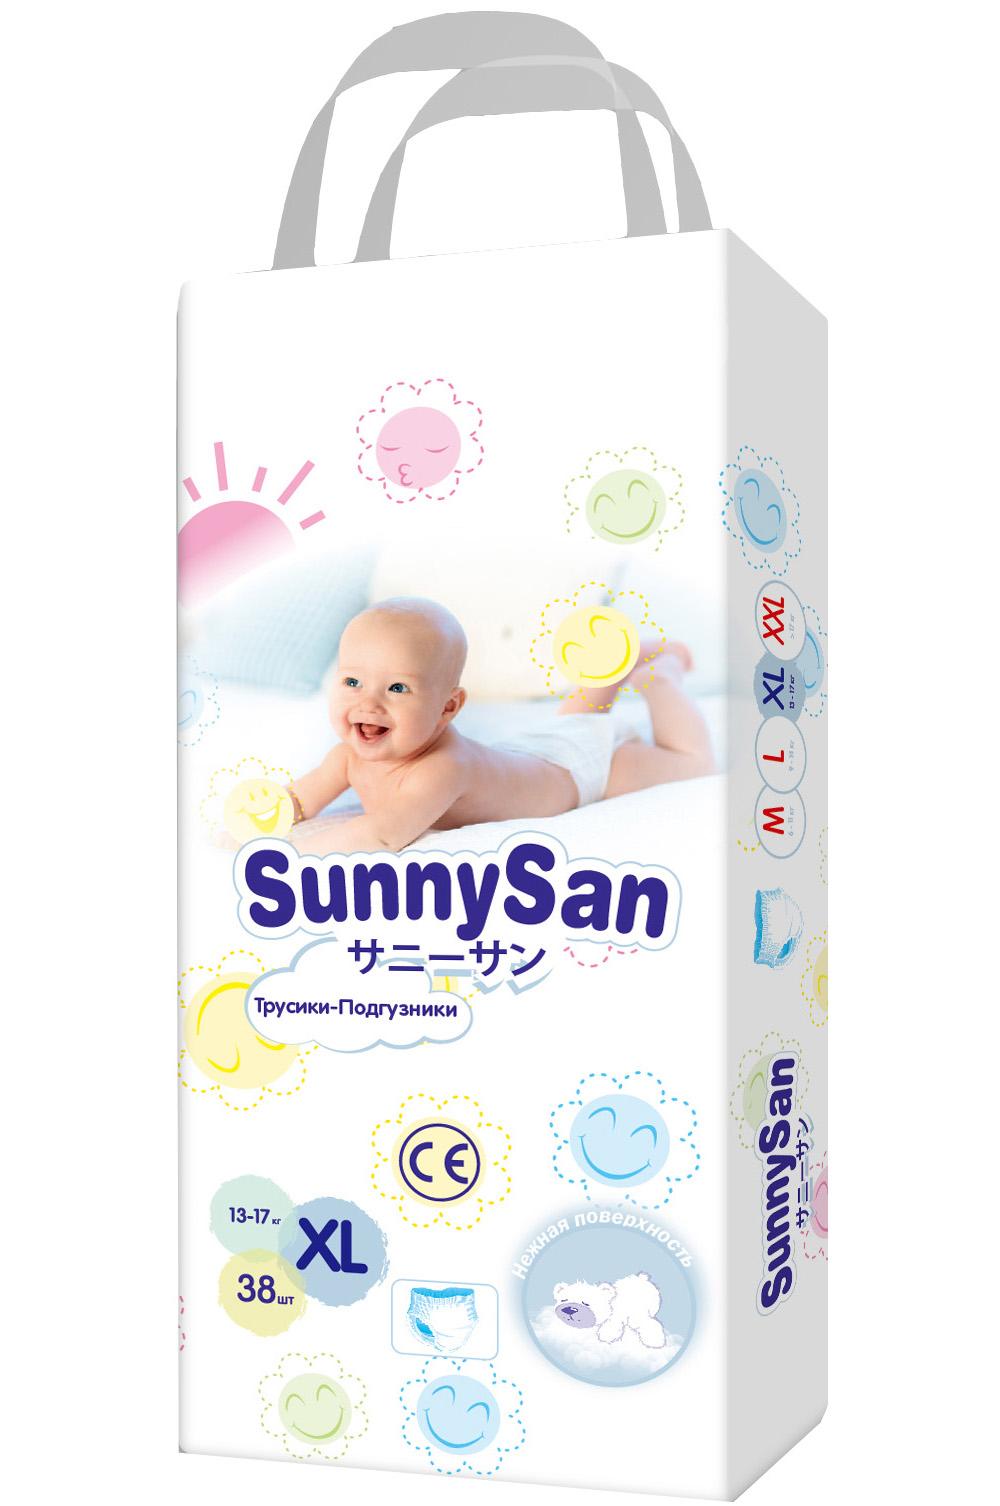 Трусики-подгузники SunnySan XL (13-17 кг) 38 шт. подгузники insinse q6 xl 13 кг 18шт